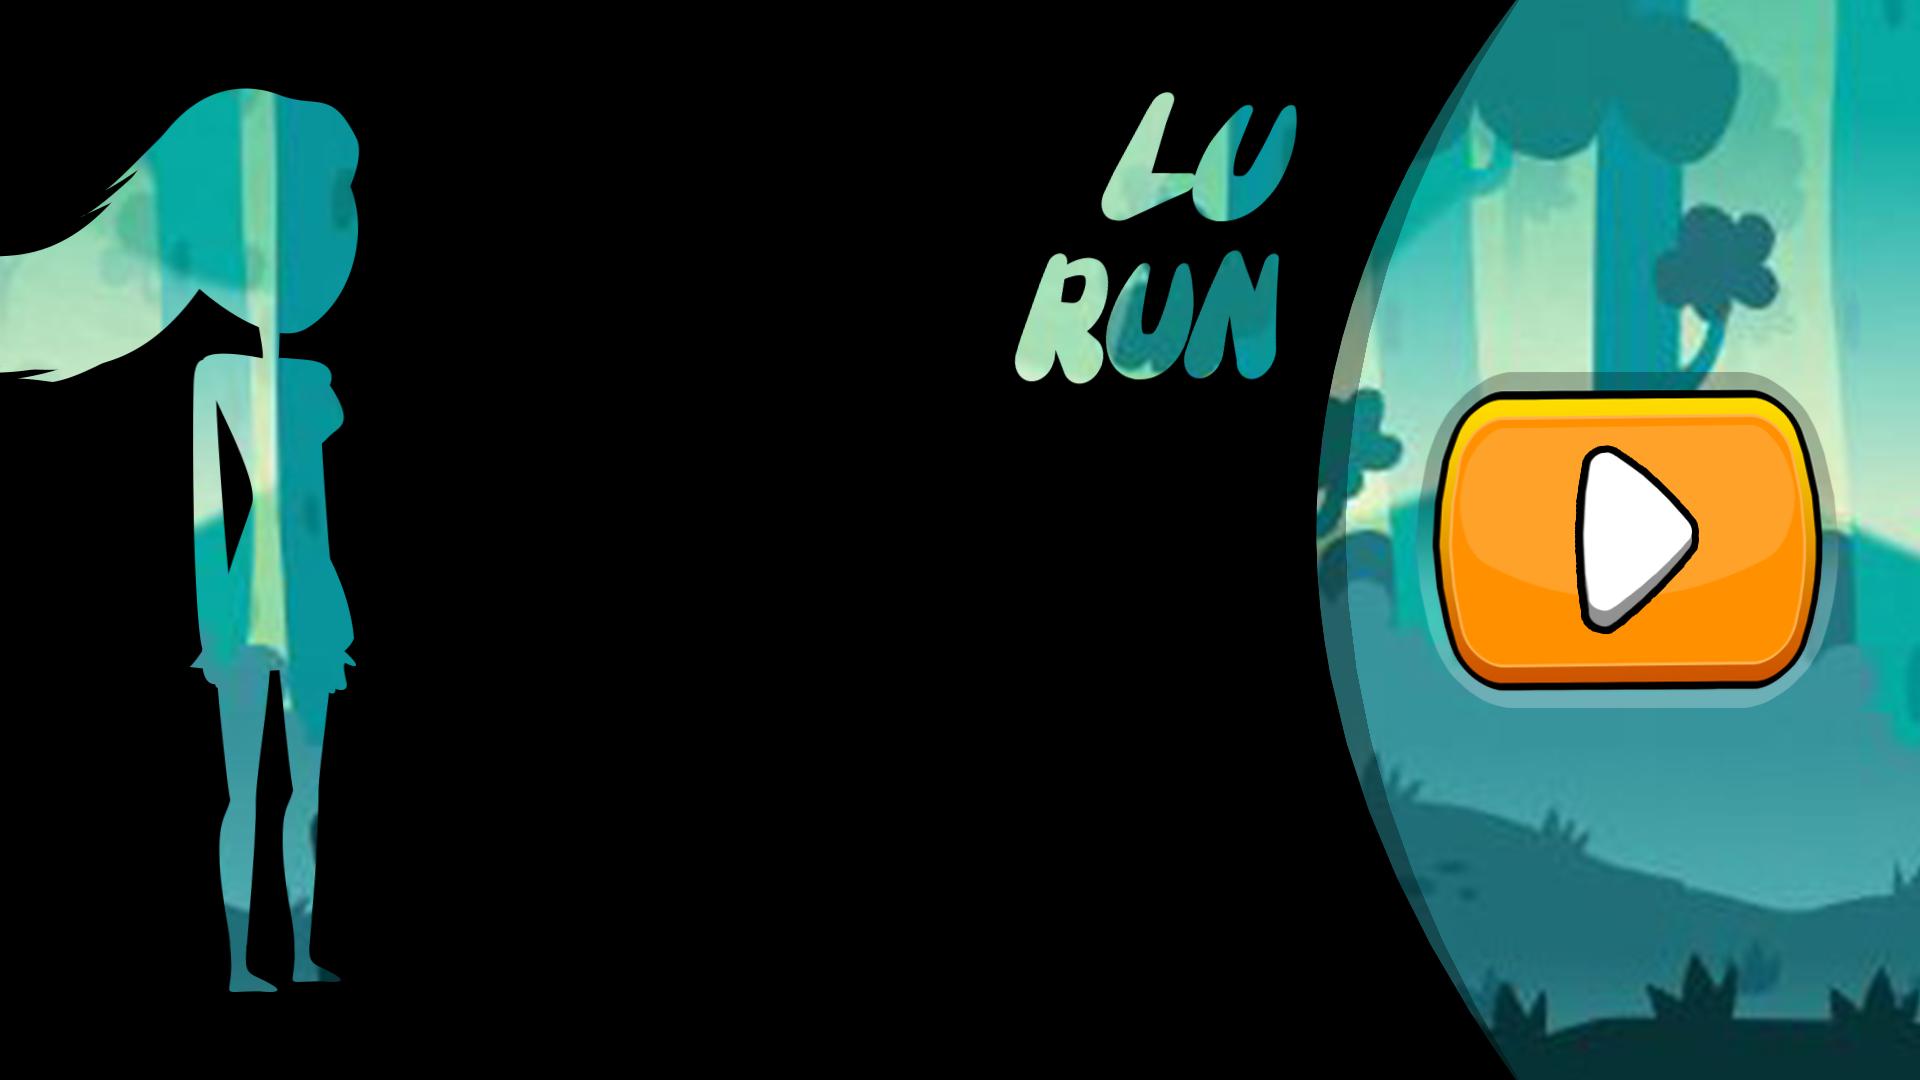 LuRun